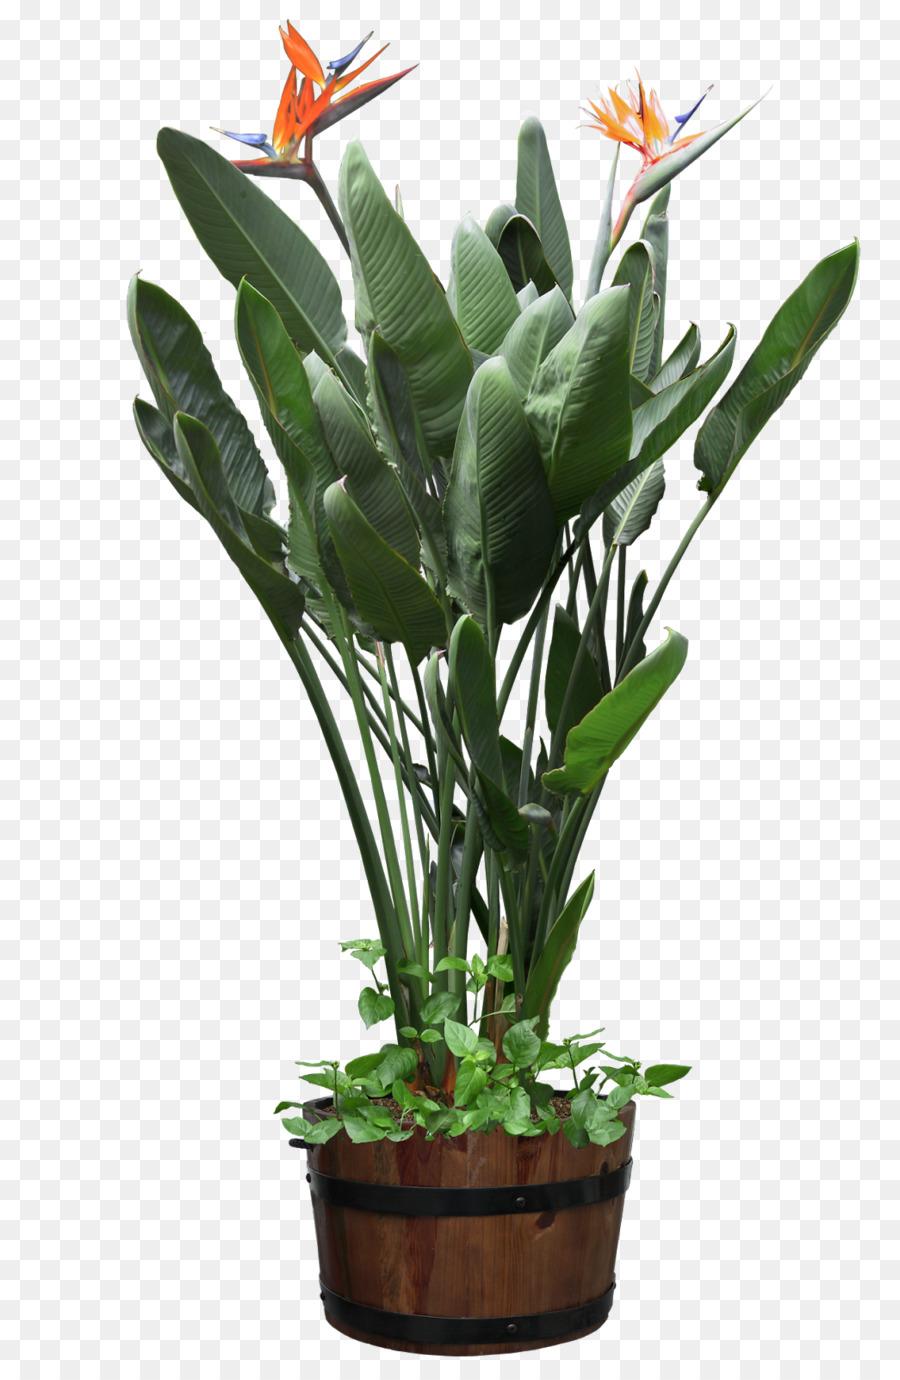 Descarga gratuita de Planta, Planta De Interior, El Ave Del Paraíso De La Flor Imágen de Png